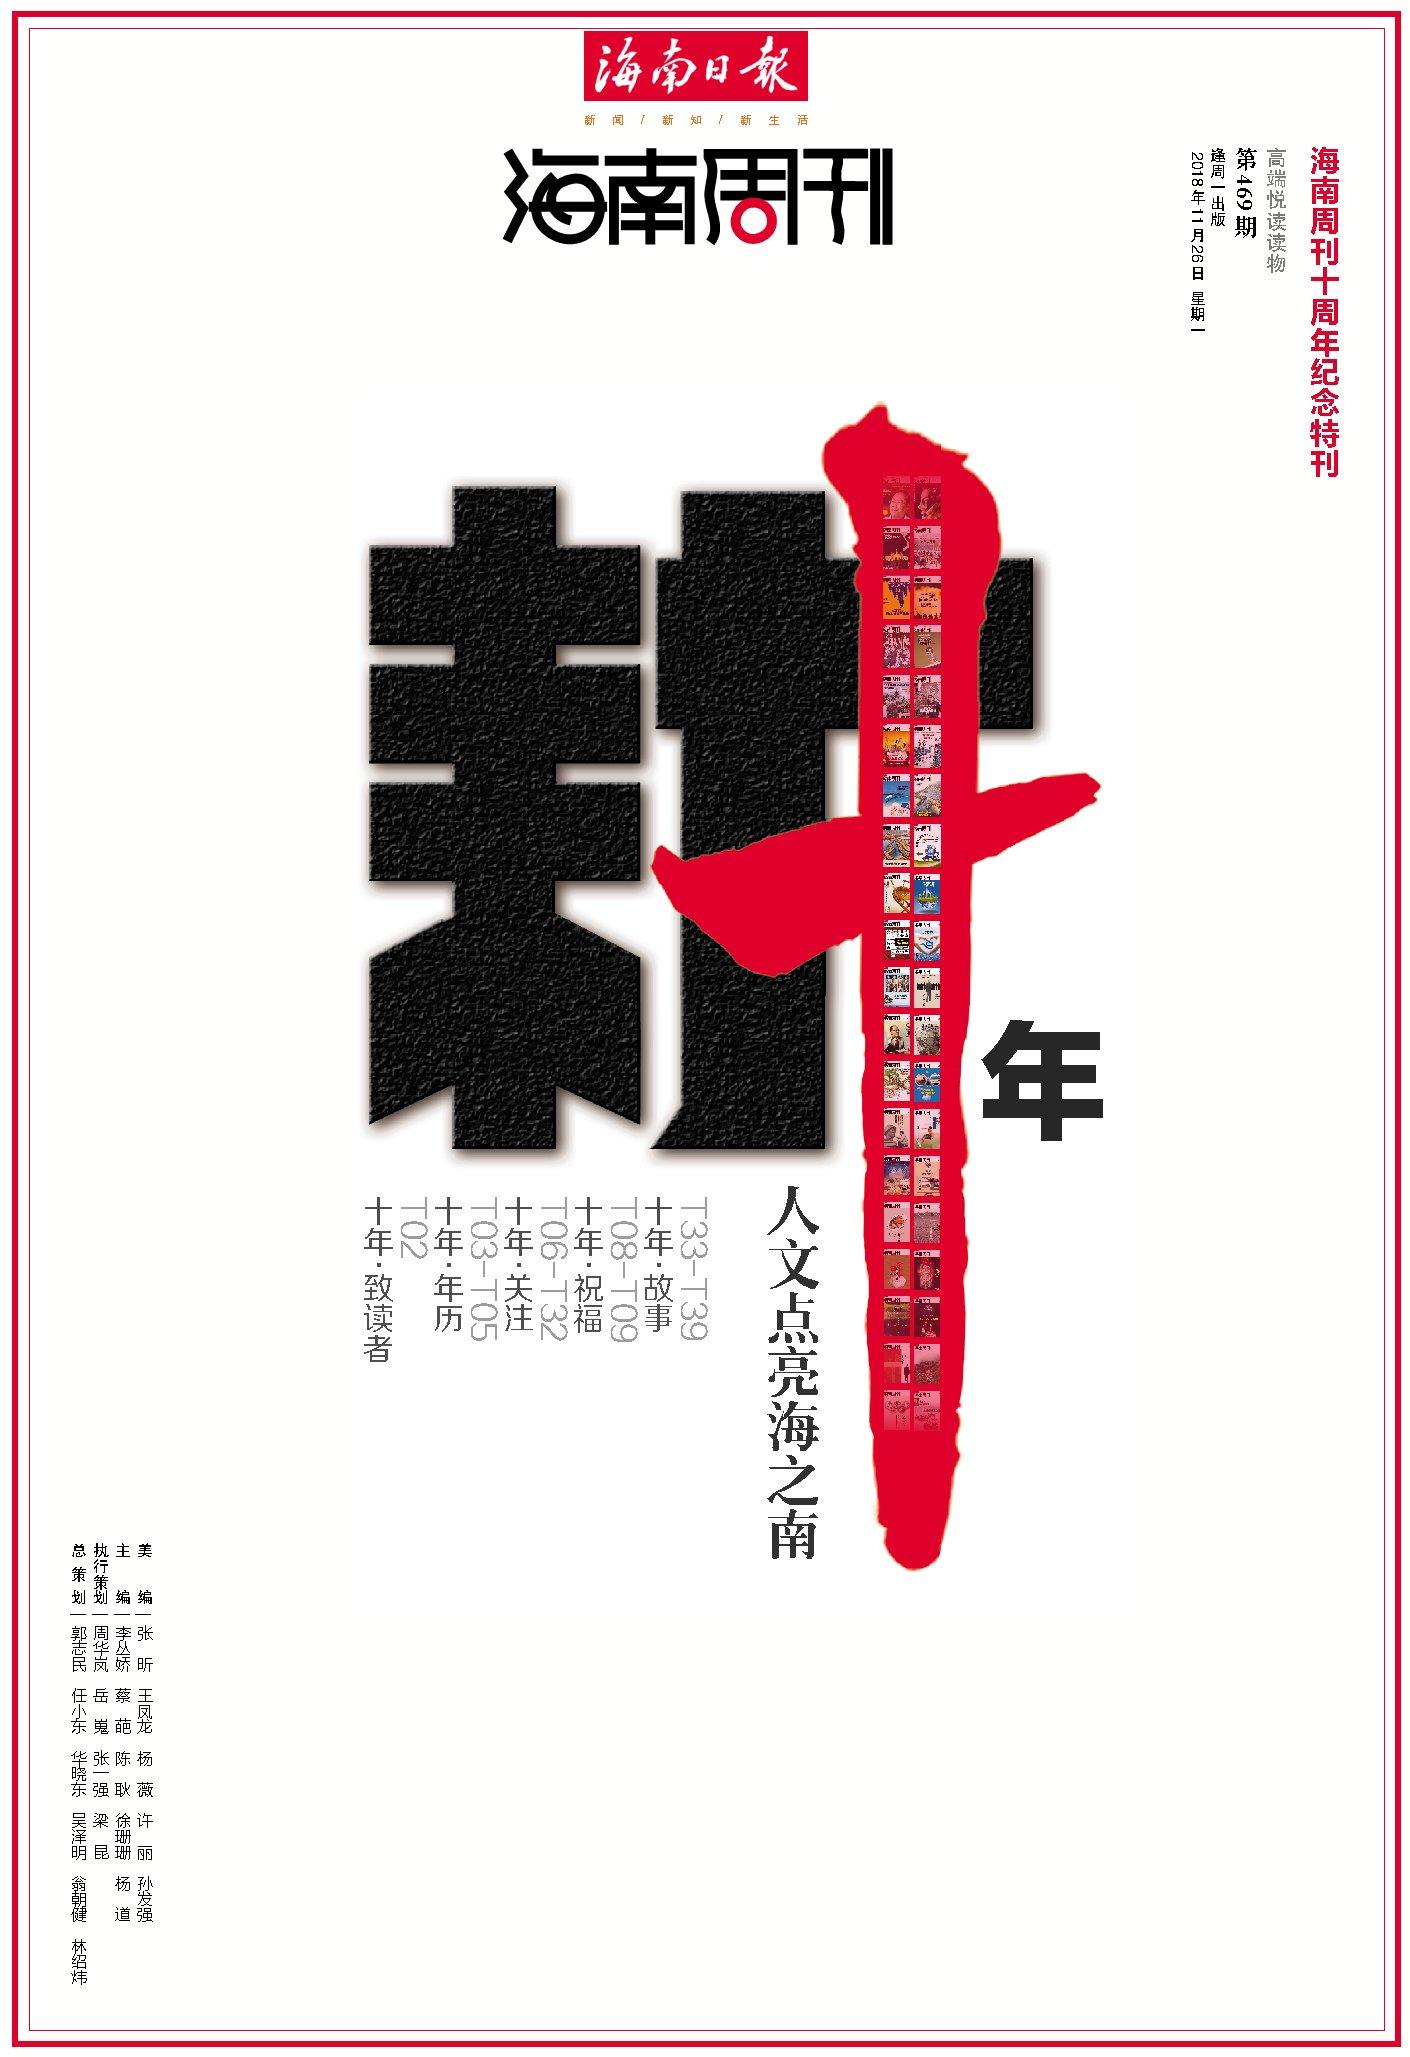 海南周刊浓墨重彩推出40个版特刊,纪念10周岁生日!